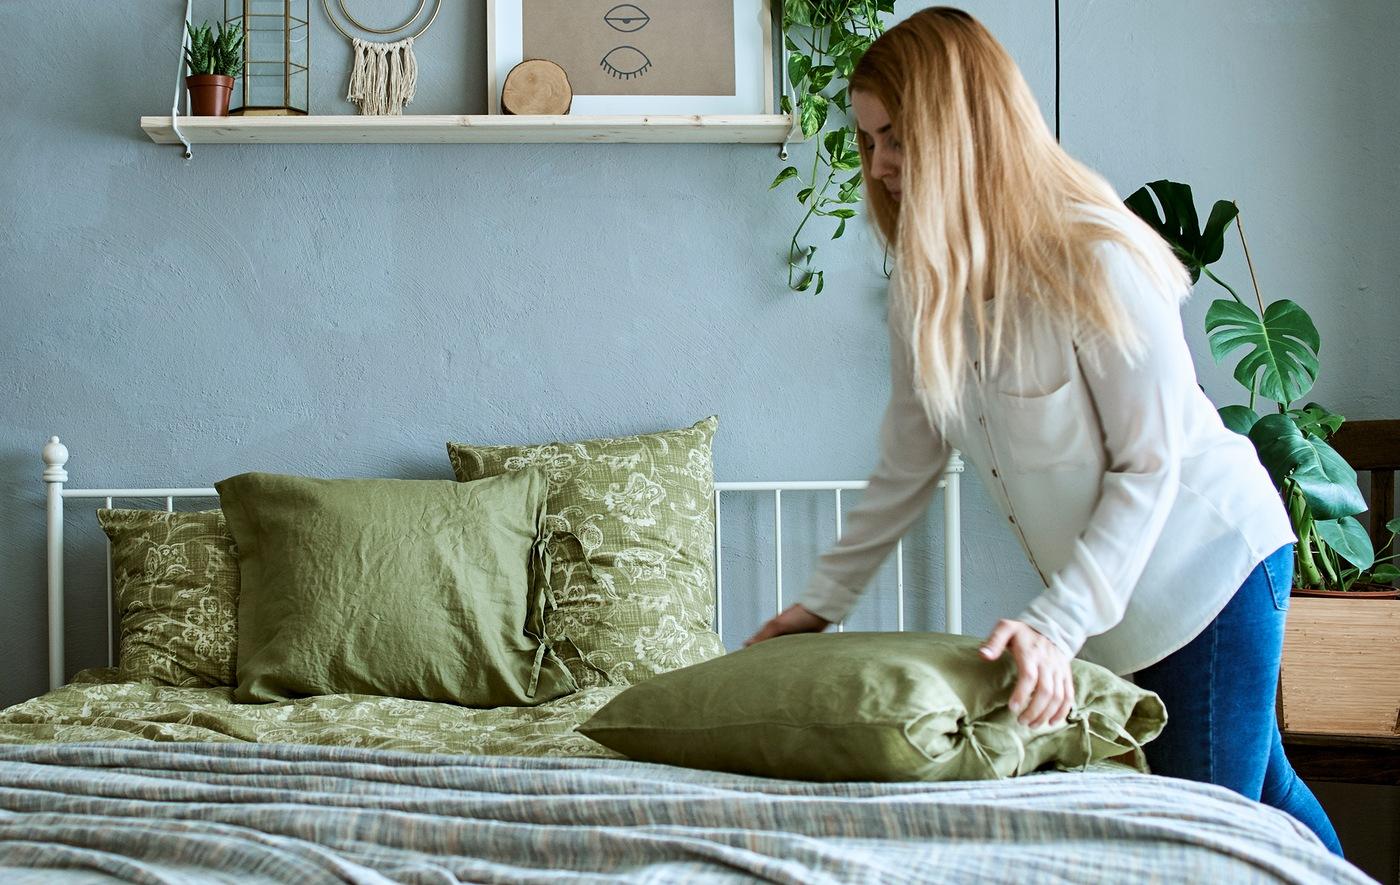 Seorang wanita di kamar tidur dengan nuansa abu-abu dan hijau, berisi tanaman, menepuk sebuah bantal di atas tempat tidur dengan sarung warna hijau.